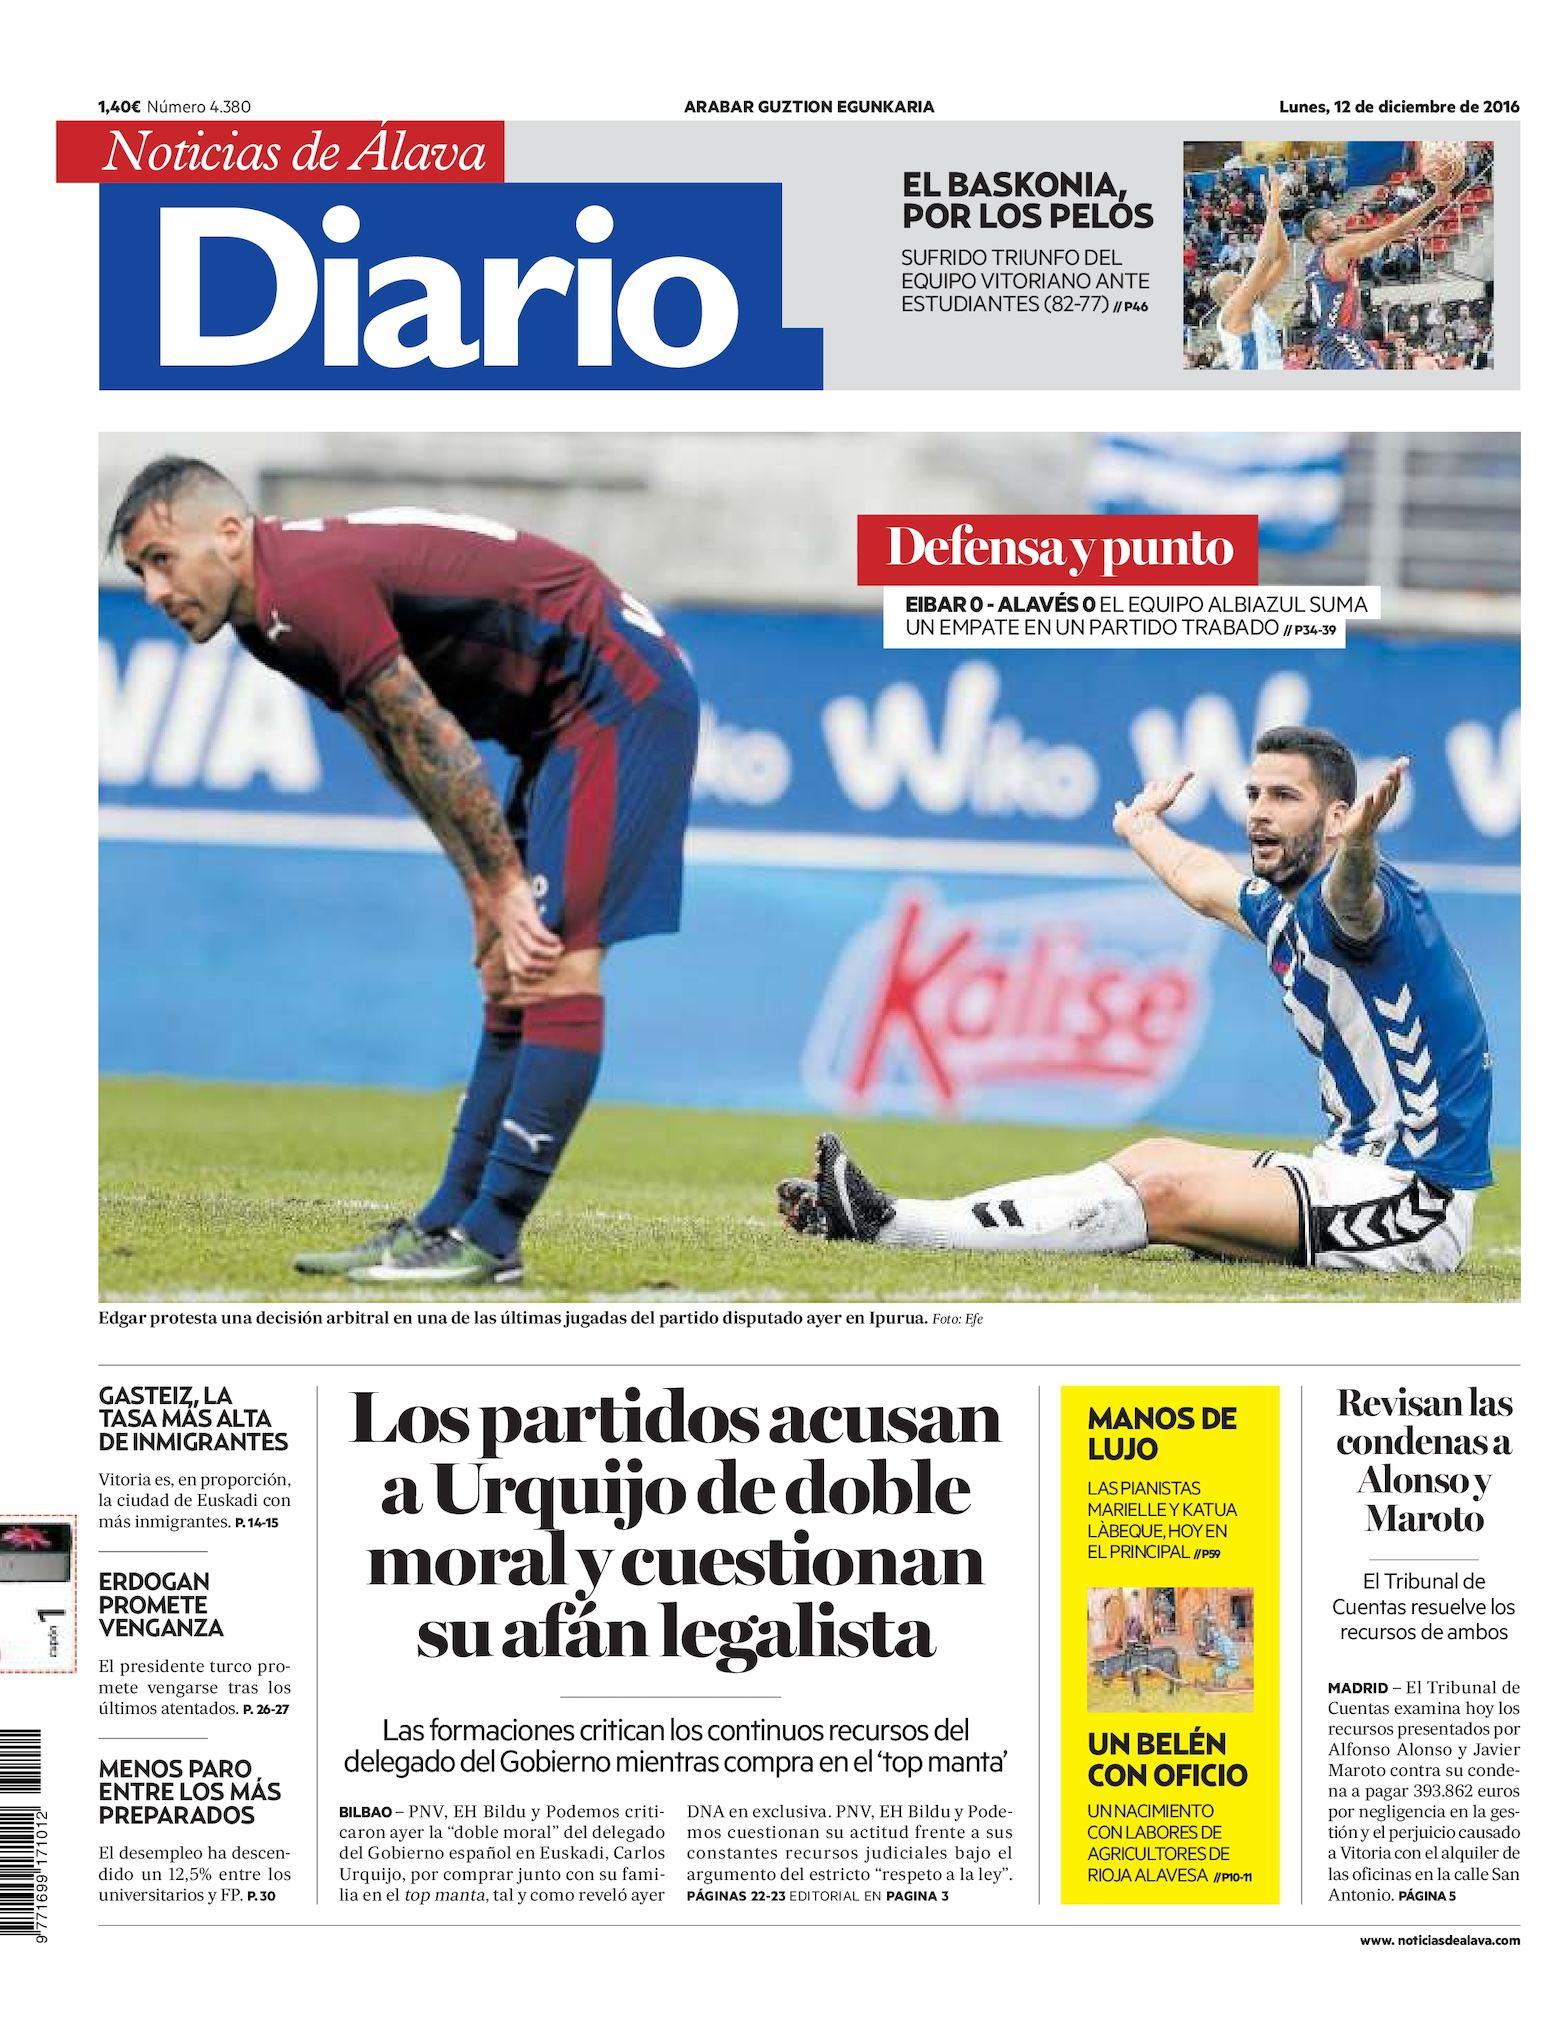 Calaméo - Diario de Noticias de Álava 20161212 c2a6bc50909b4